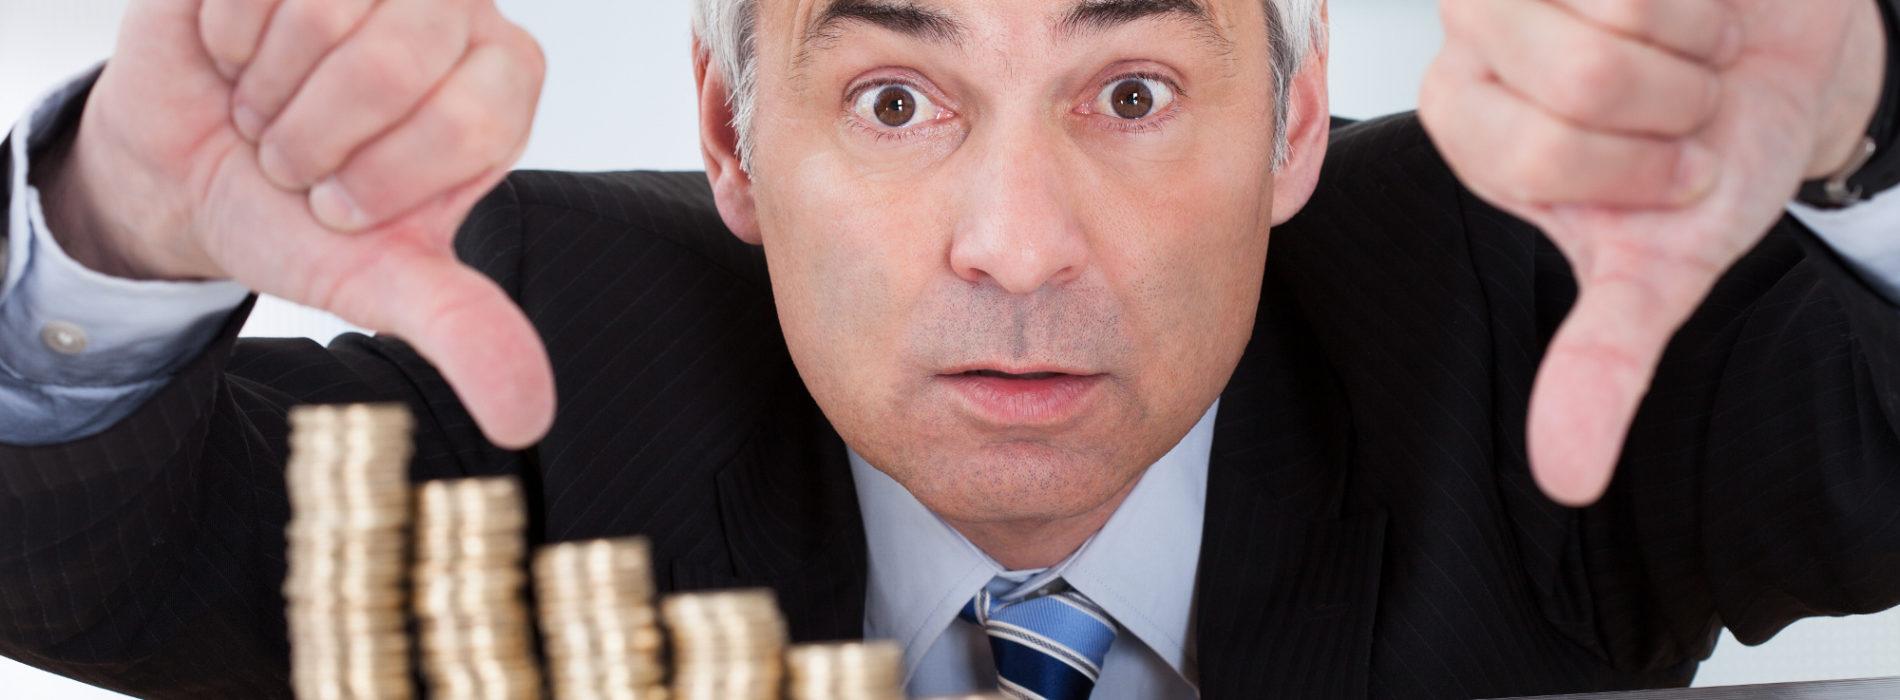 W tym roku 10 proc. więcej firm ogłosi bankructwo. To często indywidualny dramat dla przedsiębiorcy